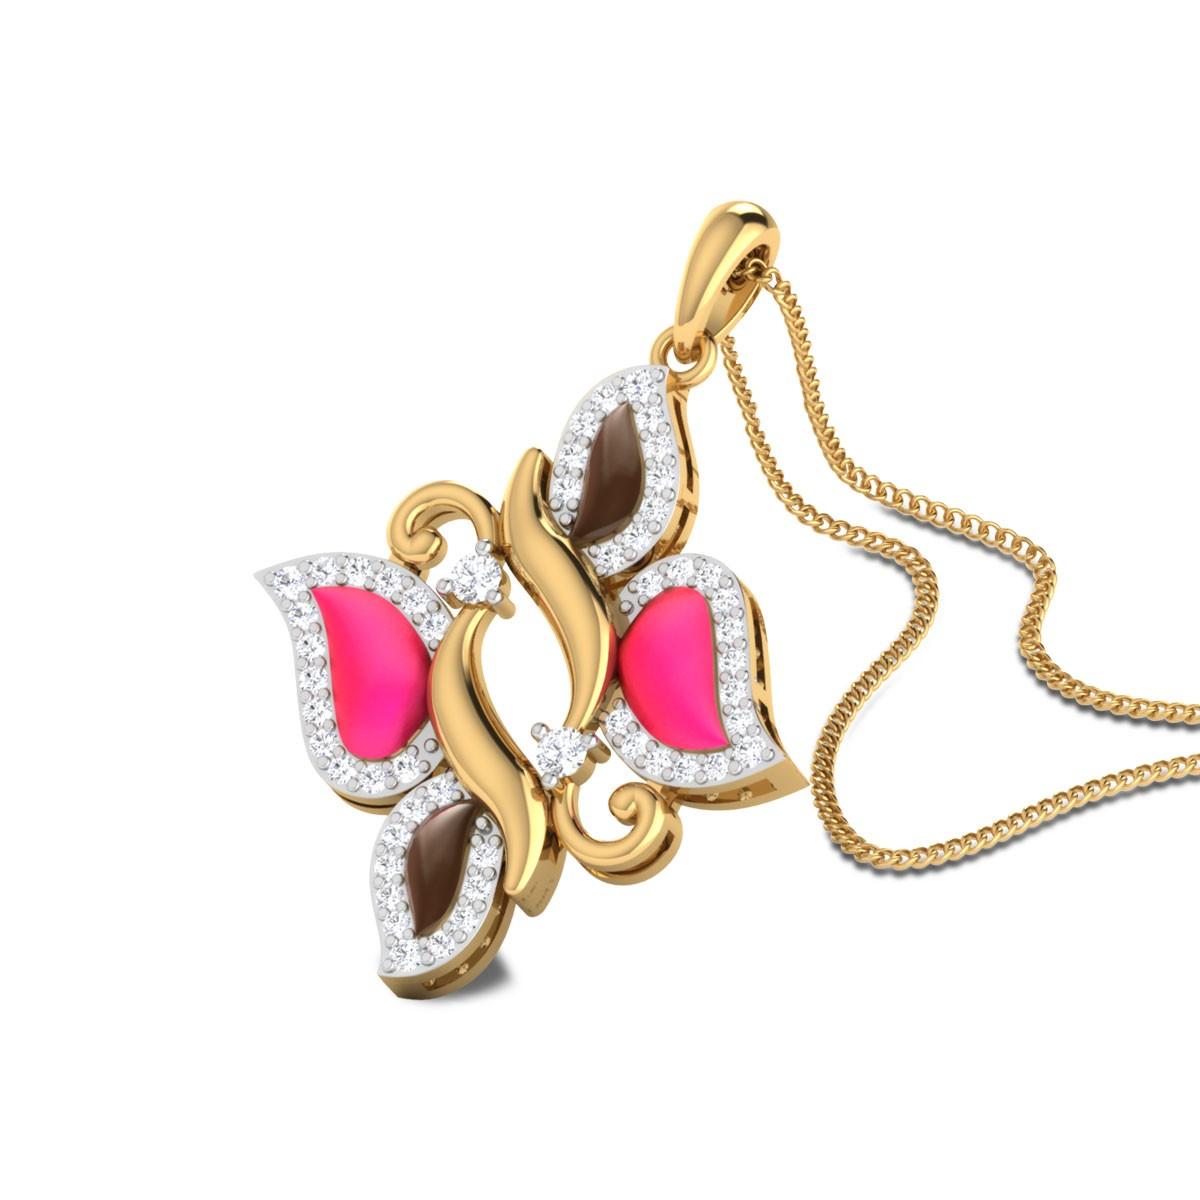 Jeannette Butterfly Diamond Pendant